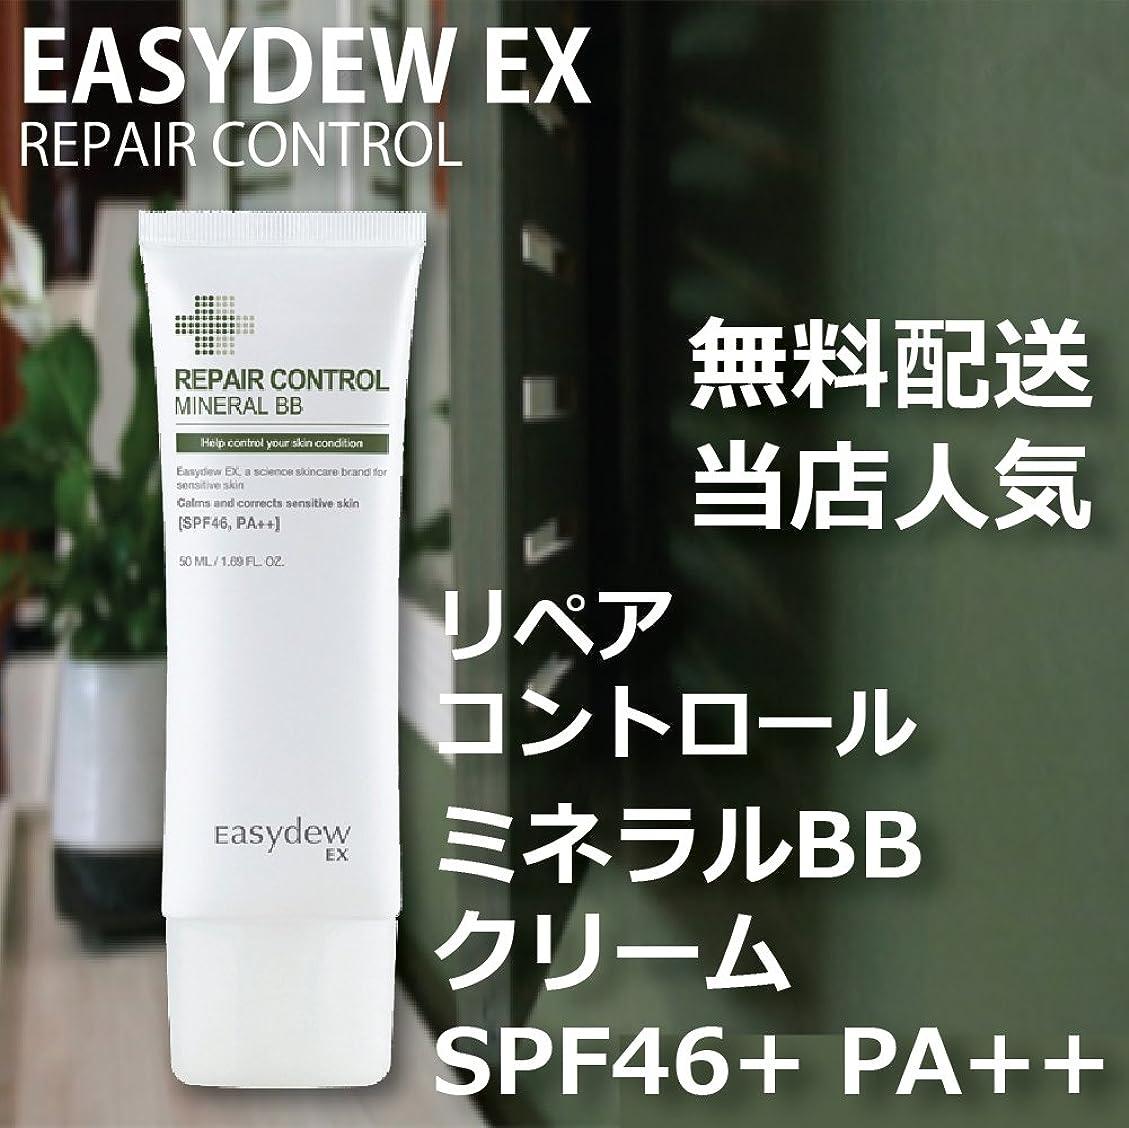 共産主義者抑圧する団結EASY DEW EX ミネラル BBクリーム SPF46+ PA++ 50ml MINRAL BB CREAM 韓国 人気 コスメ イージーデュー 敏感 乾燥 美白 しわ 3重機能性